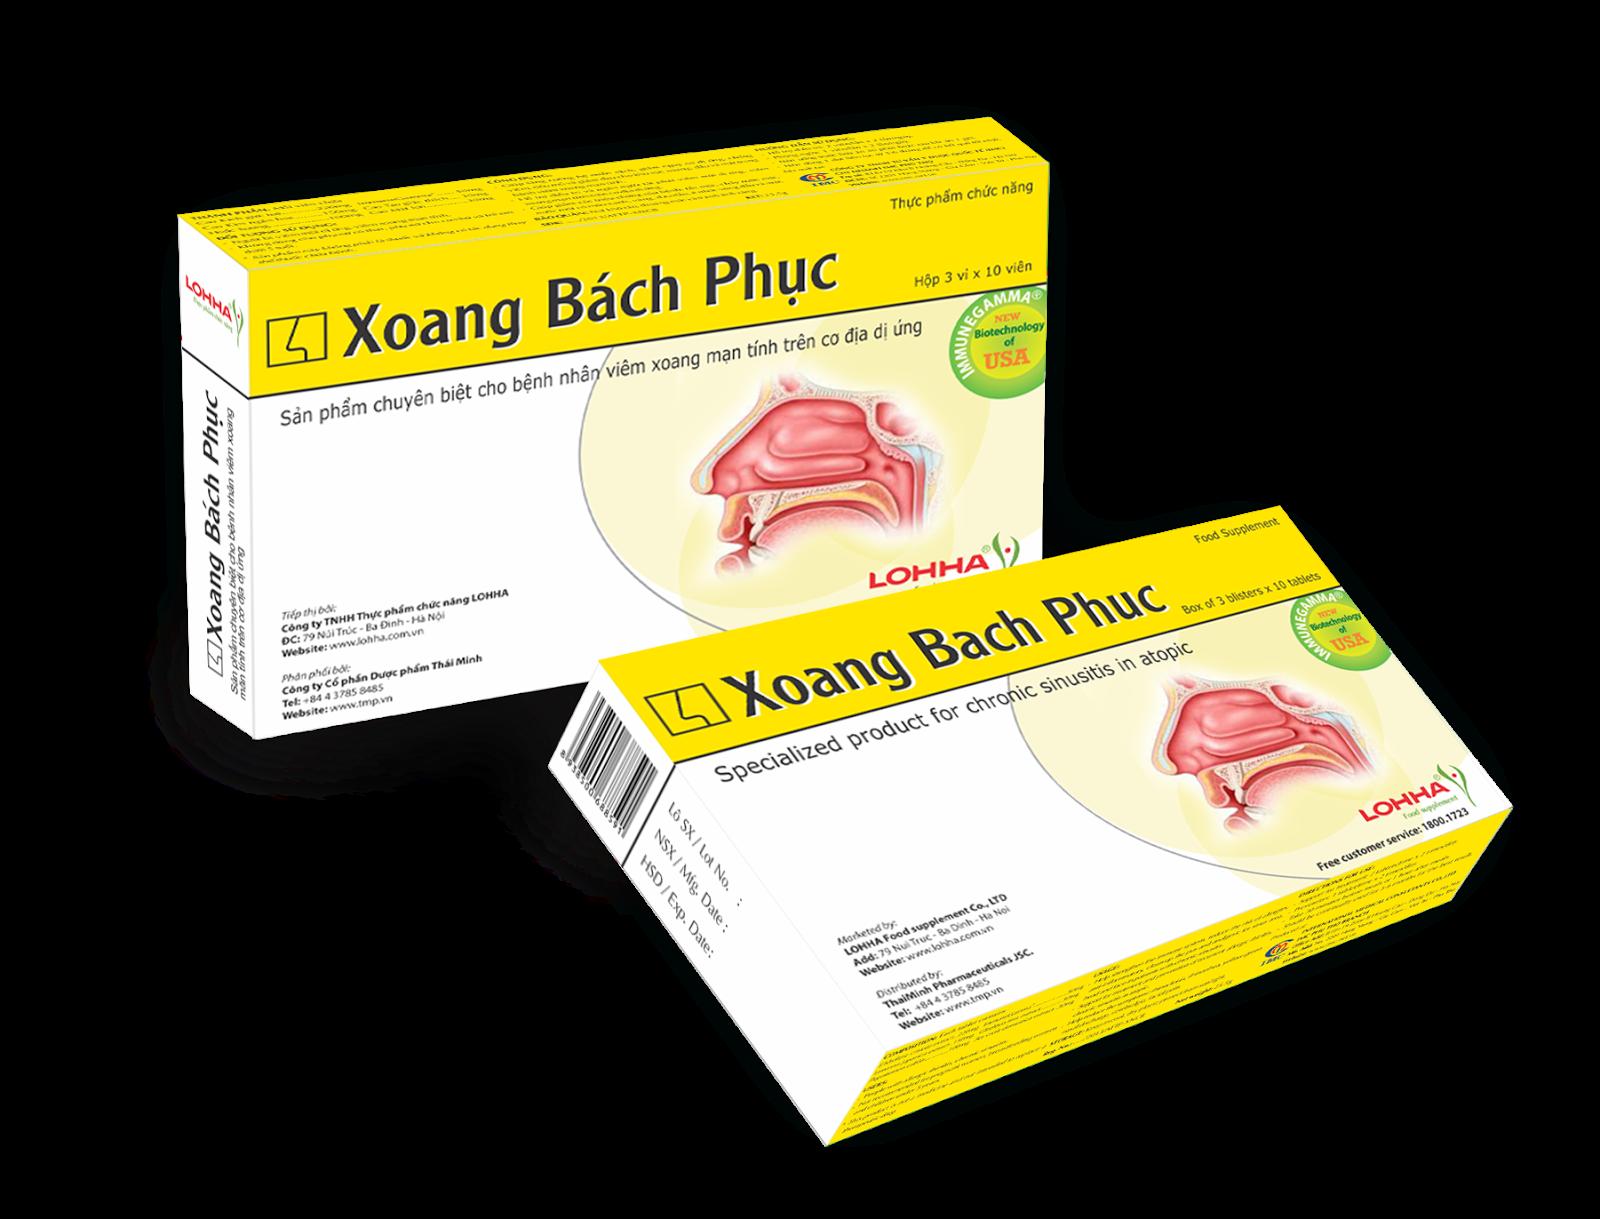 xoang-bach-phuc